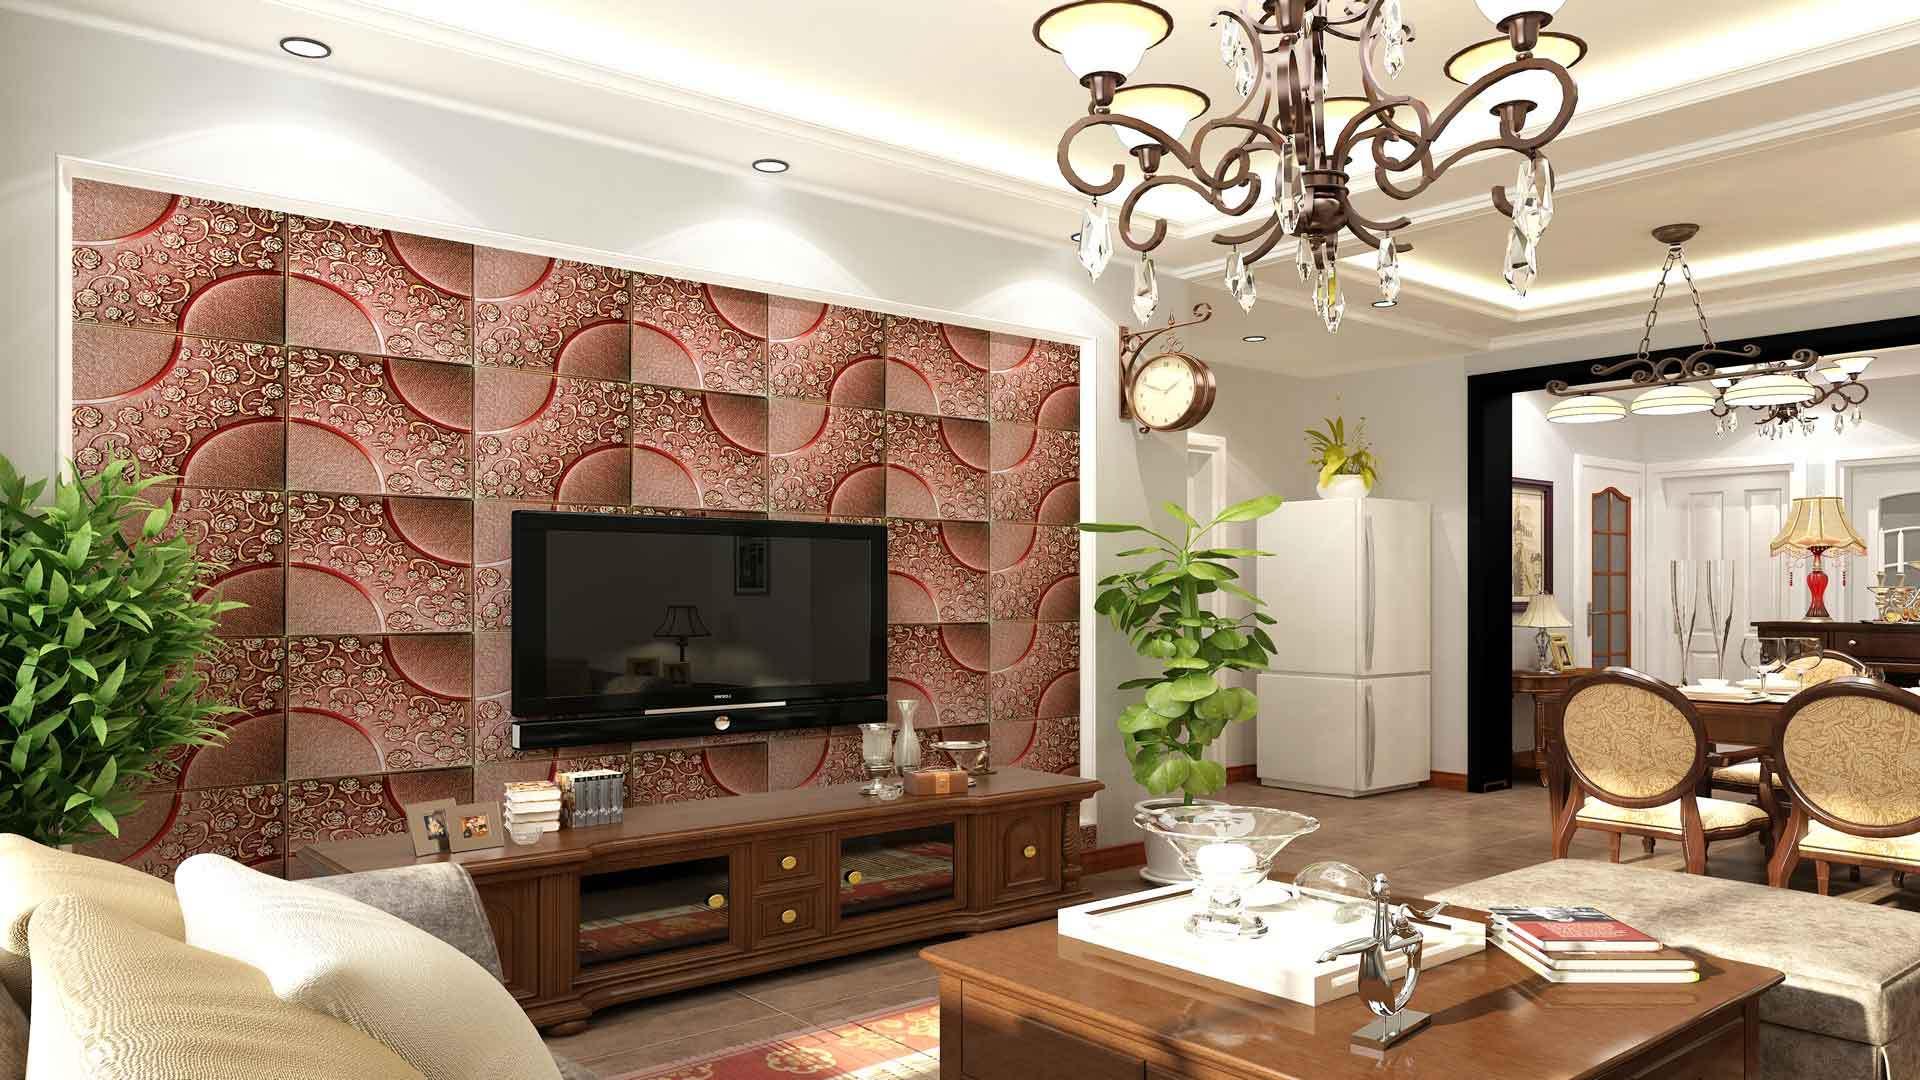 怎么选择客厅电视背景墙皮雕软包_手机搜狐网